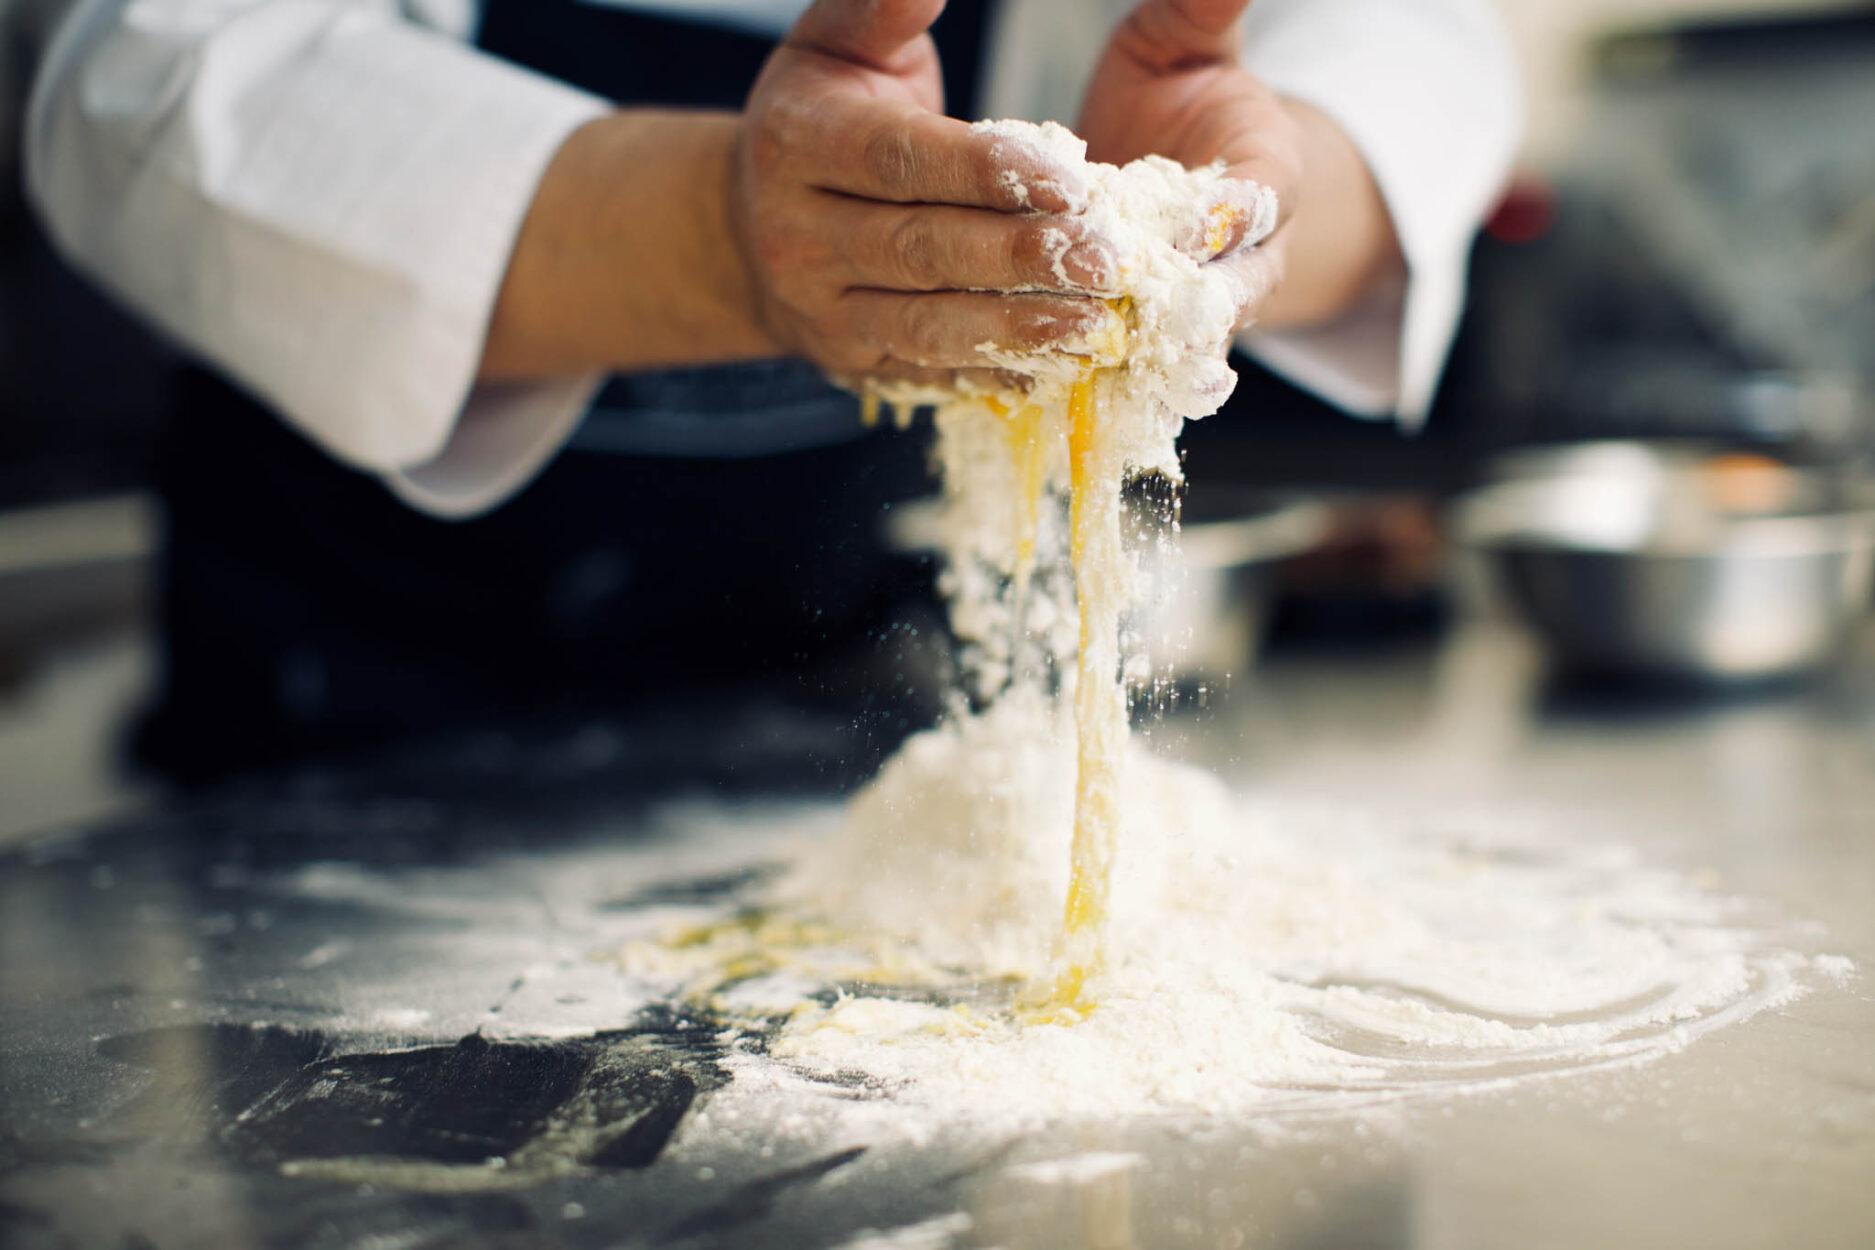 gastronomica-alimentos-nicoletalupuagency (46 of 84)